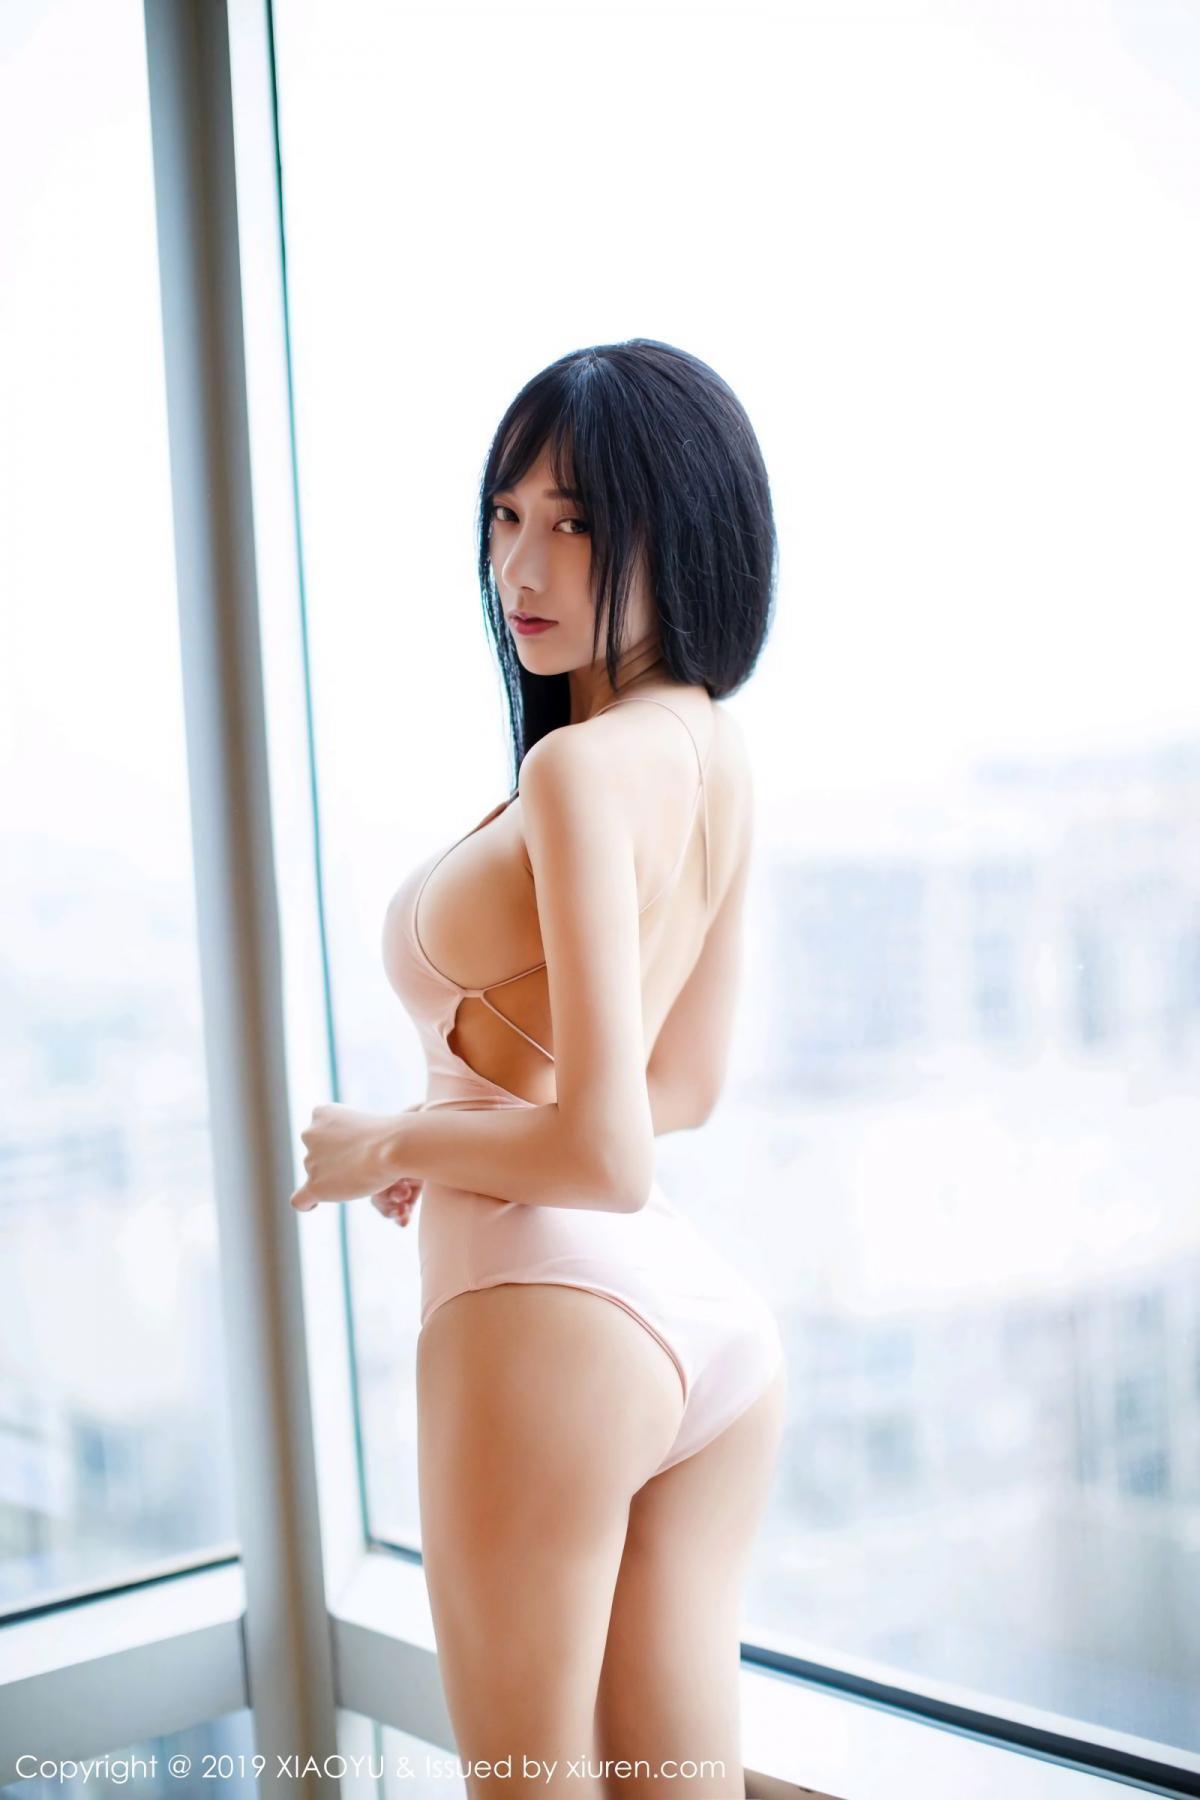 [XiaoYu] Vol.097 He Jia Ying 60P, He Jia Ying, Tall, XiaoYu